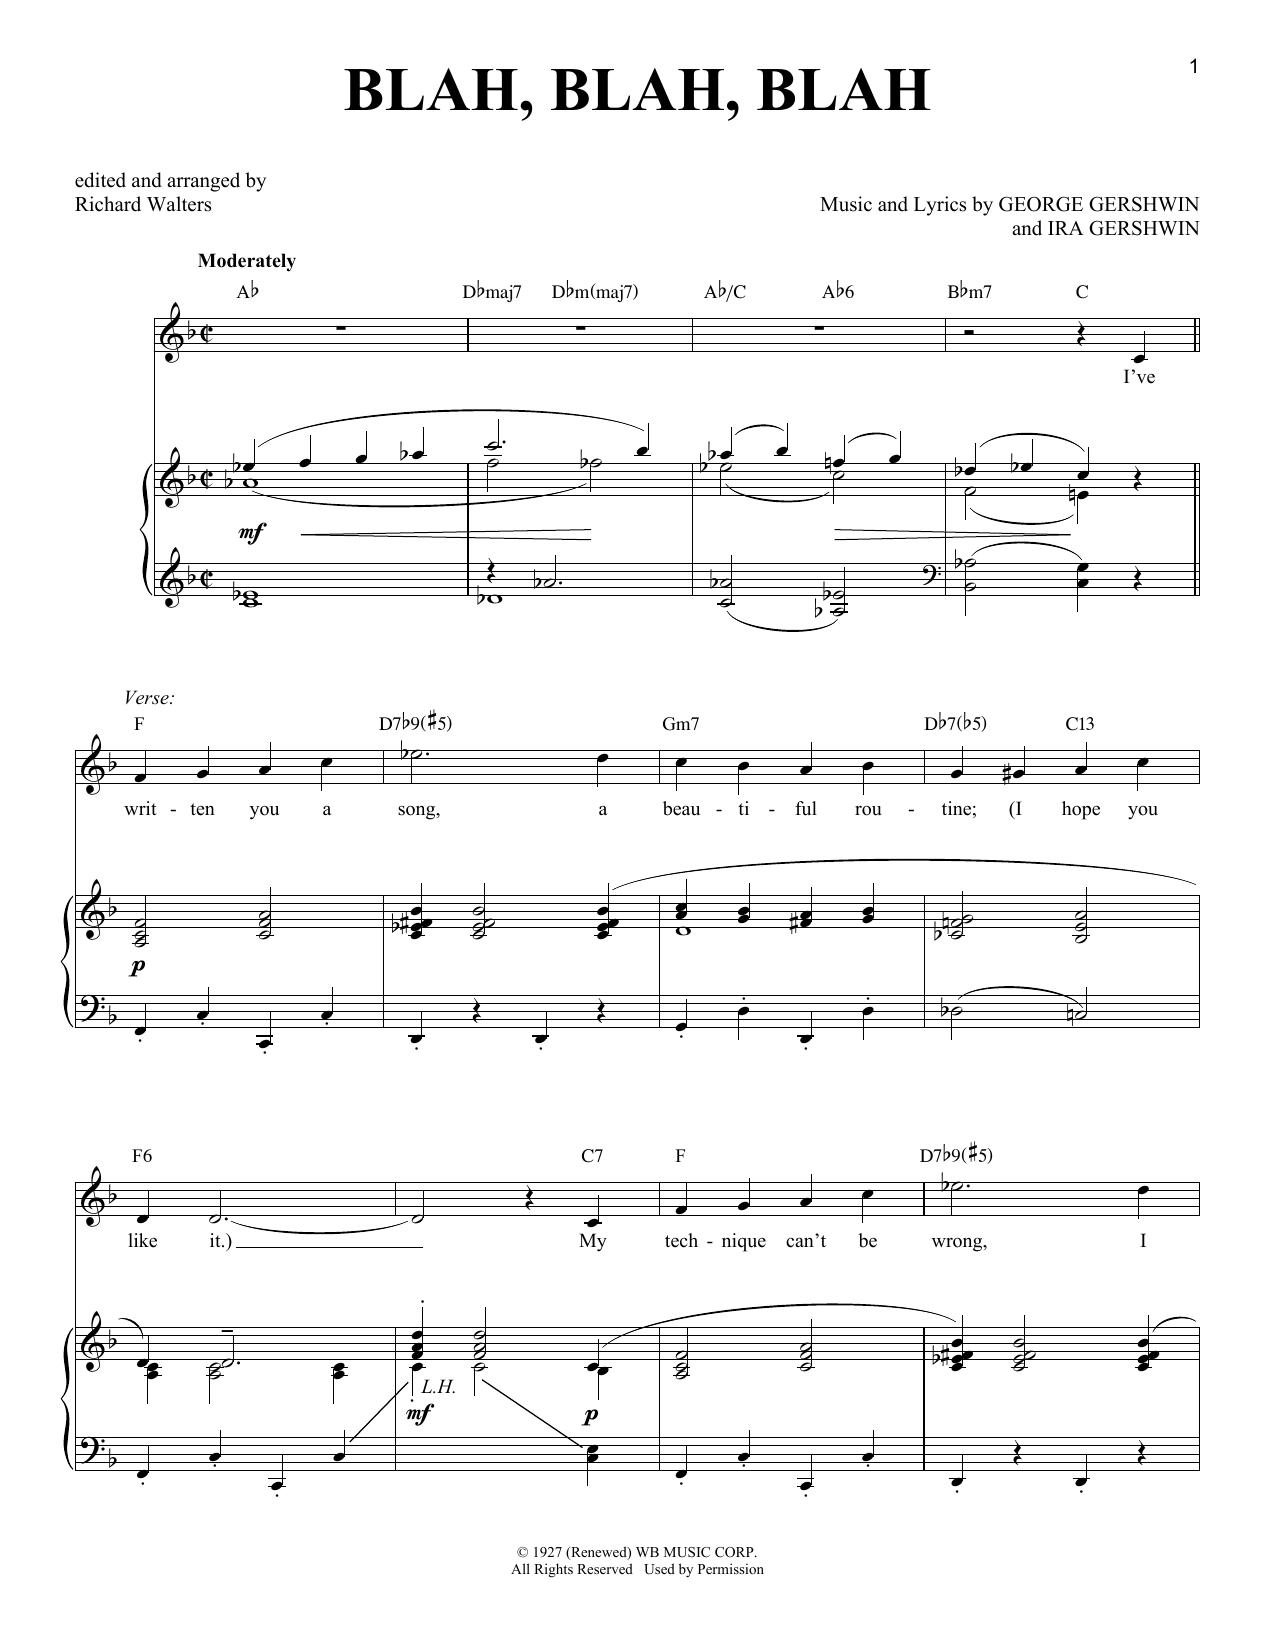 George Gershwin Blah, Blah, Blah sheet music notes and chords. Download Printable PDF.